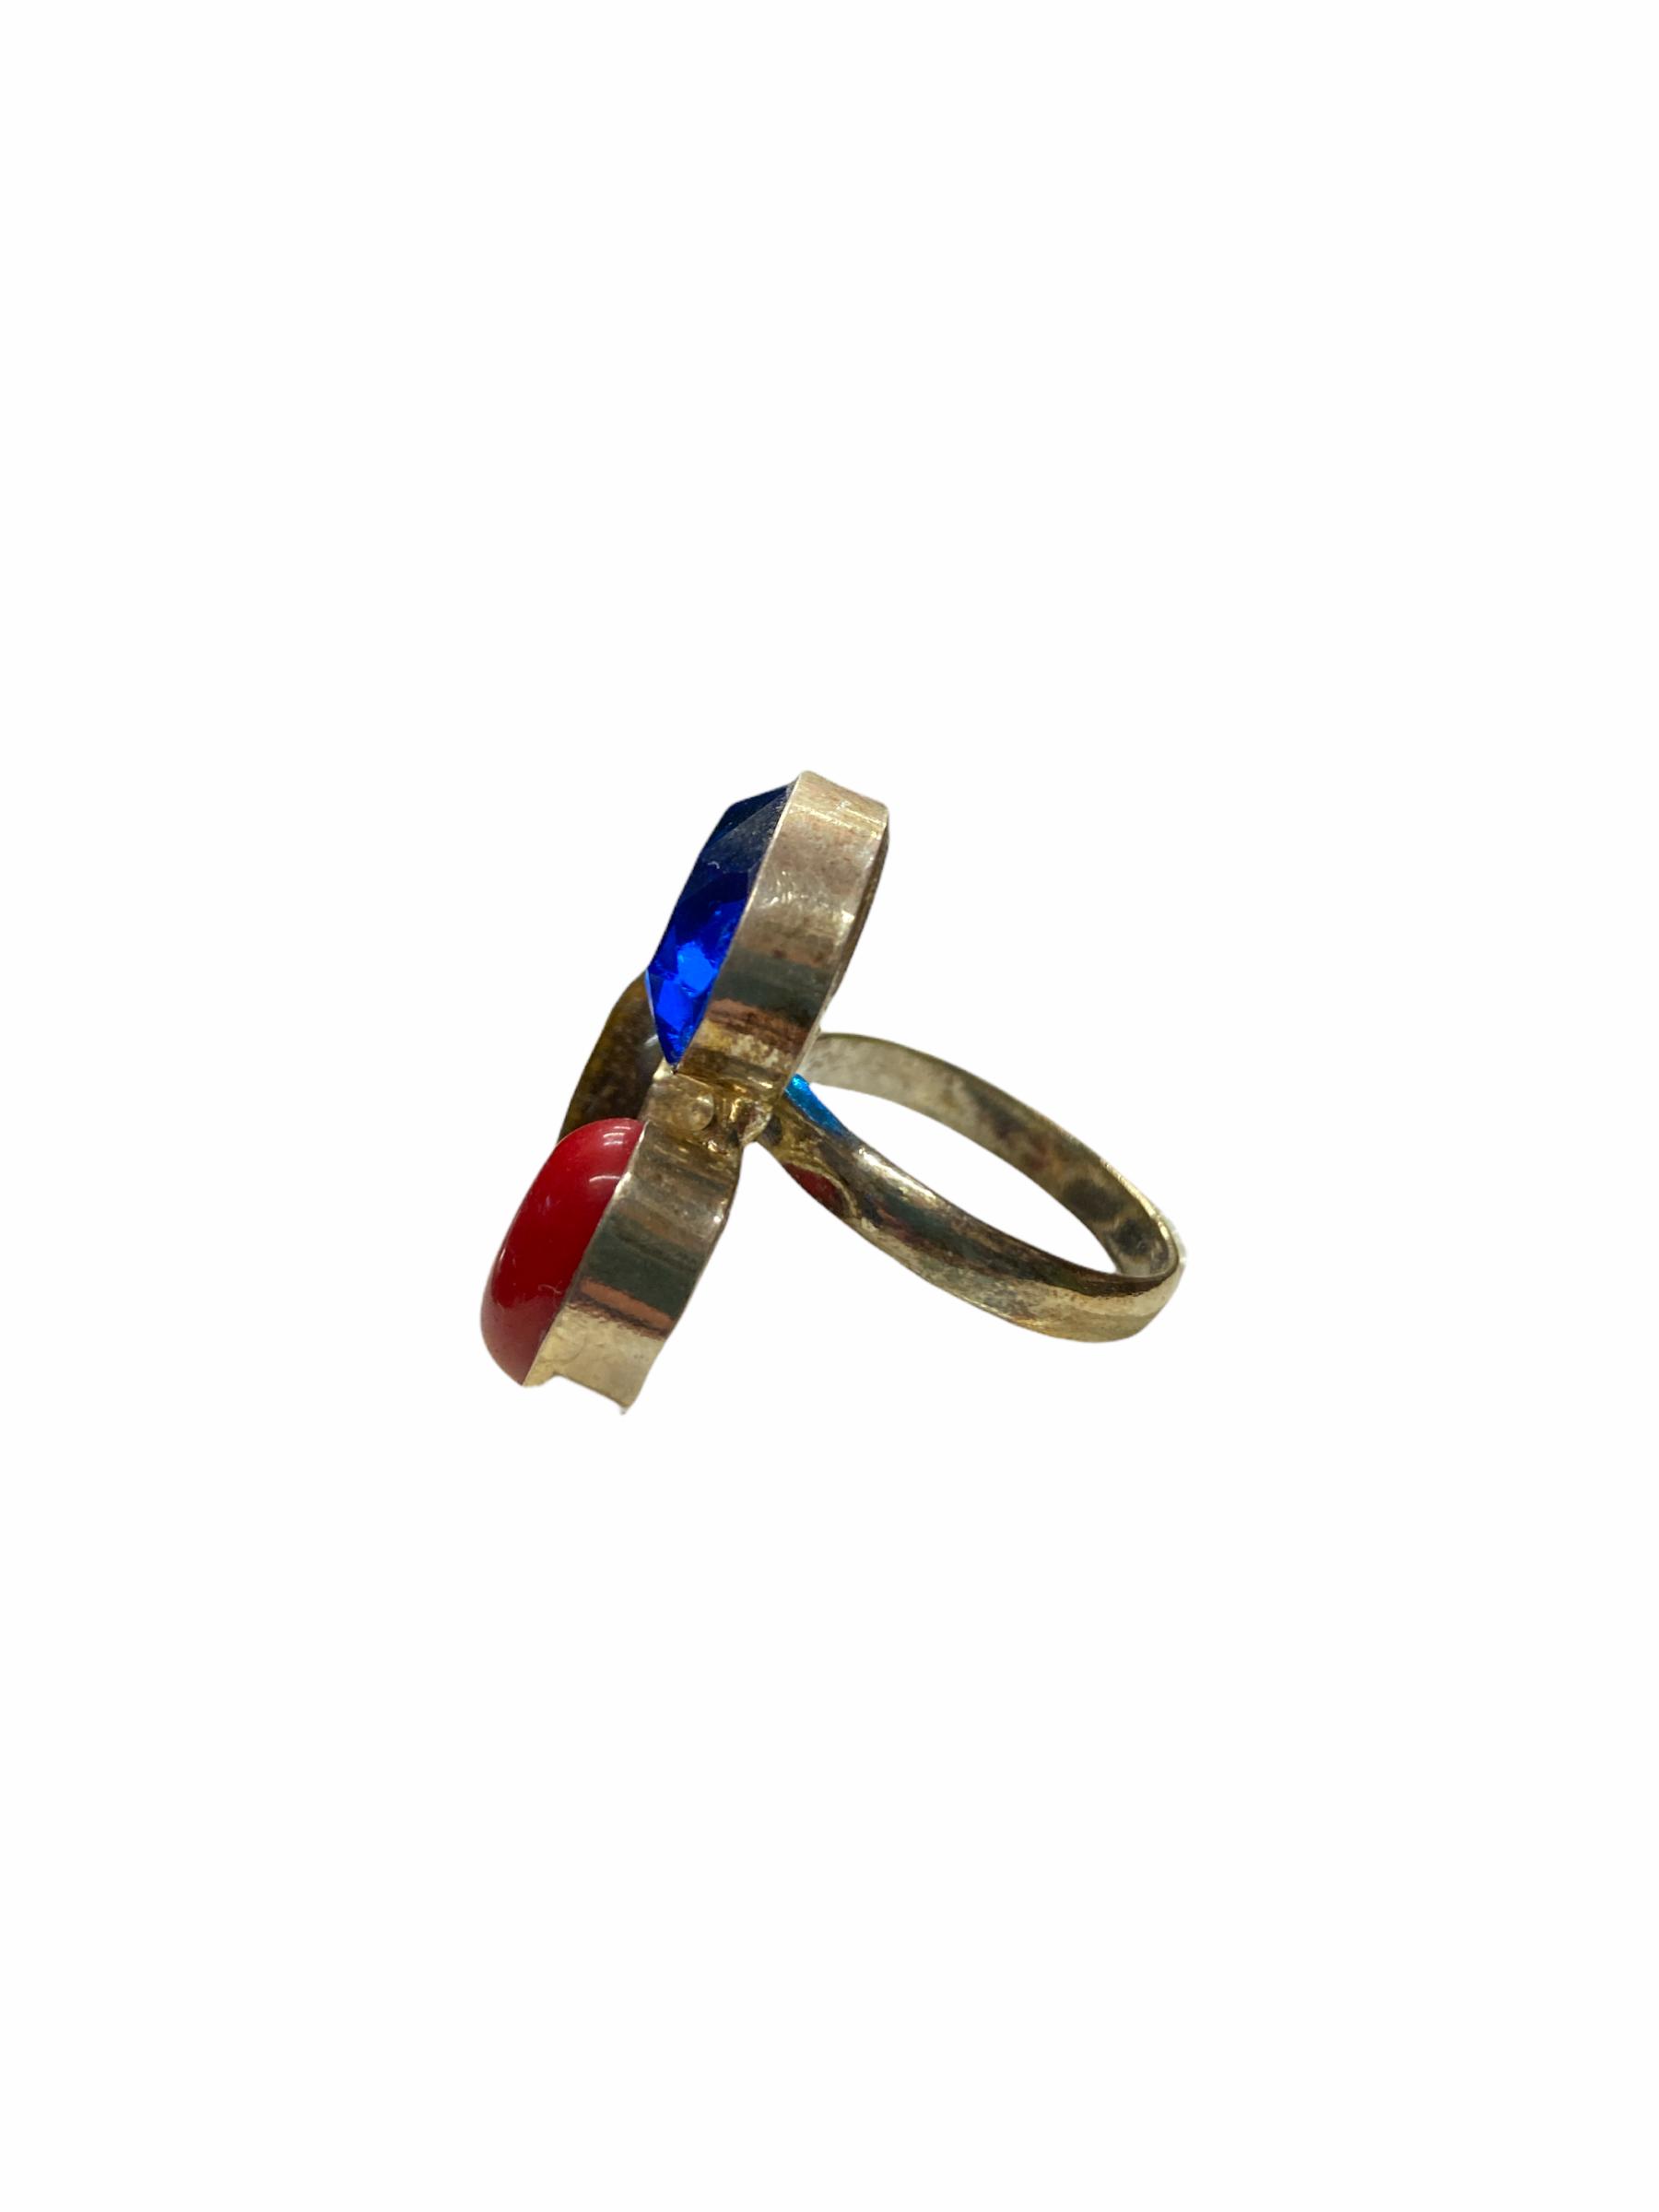 Δαχτυλίδι Χειροποίητο Με Κρύσταλλο-Κορνεόλη-Ίασπι Σε Χρώμα Ασημί